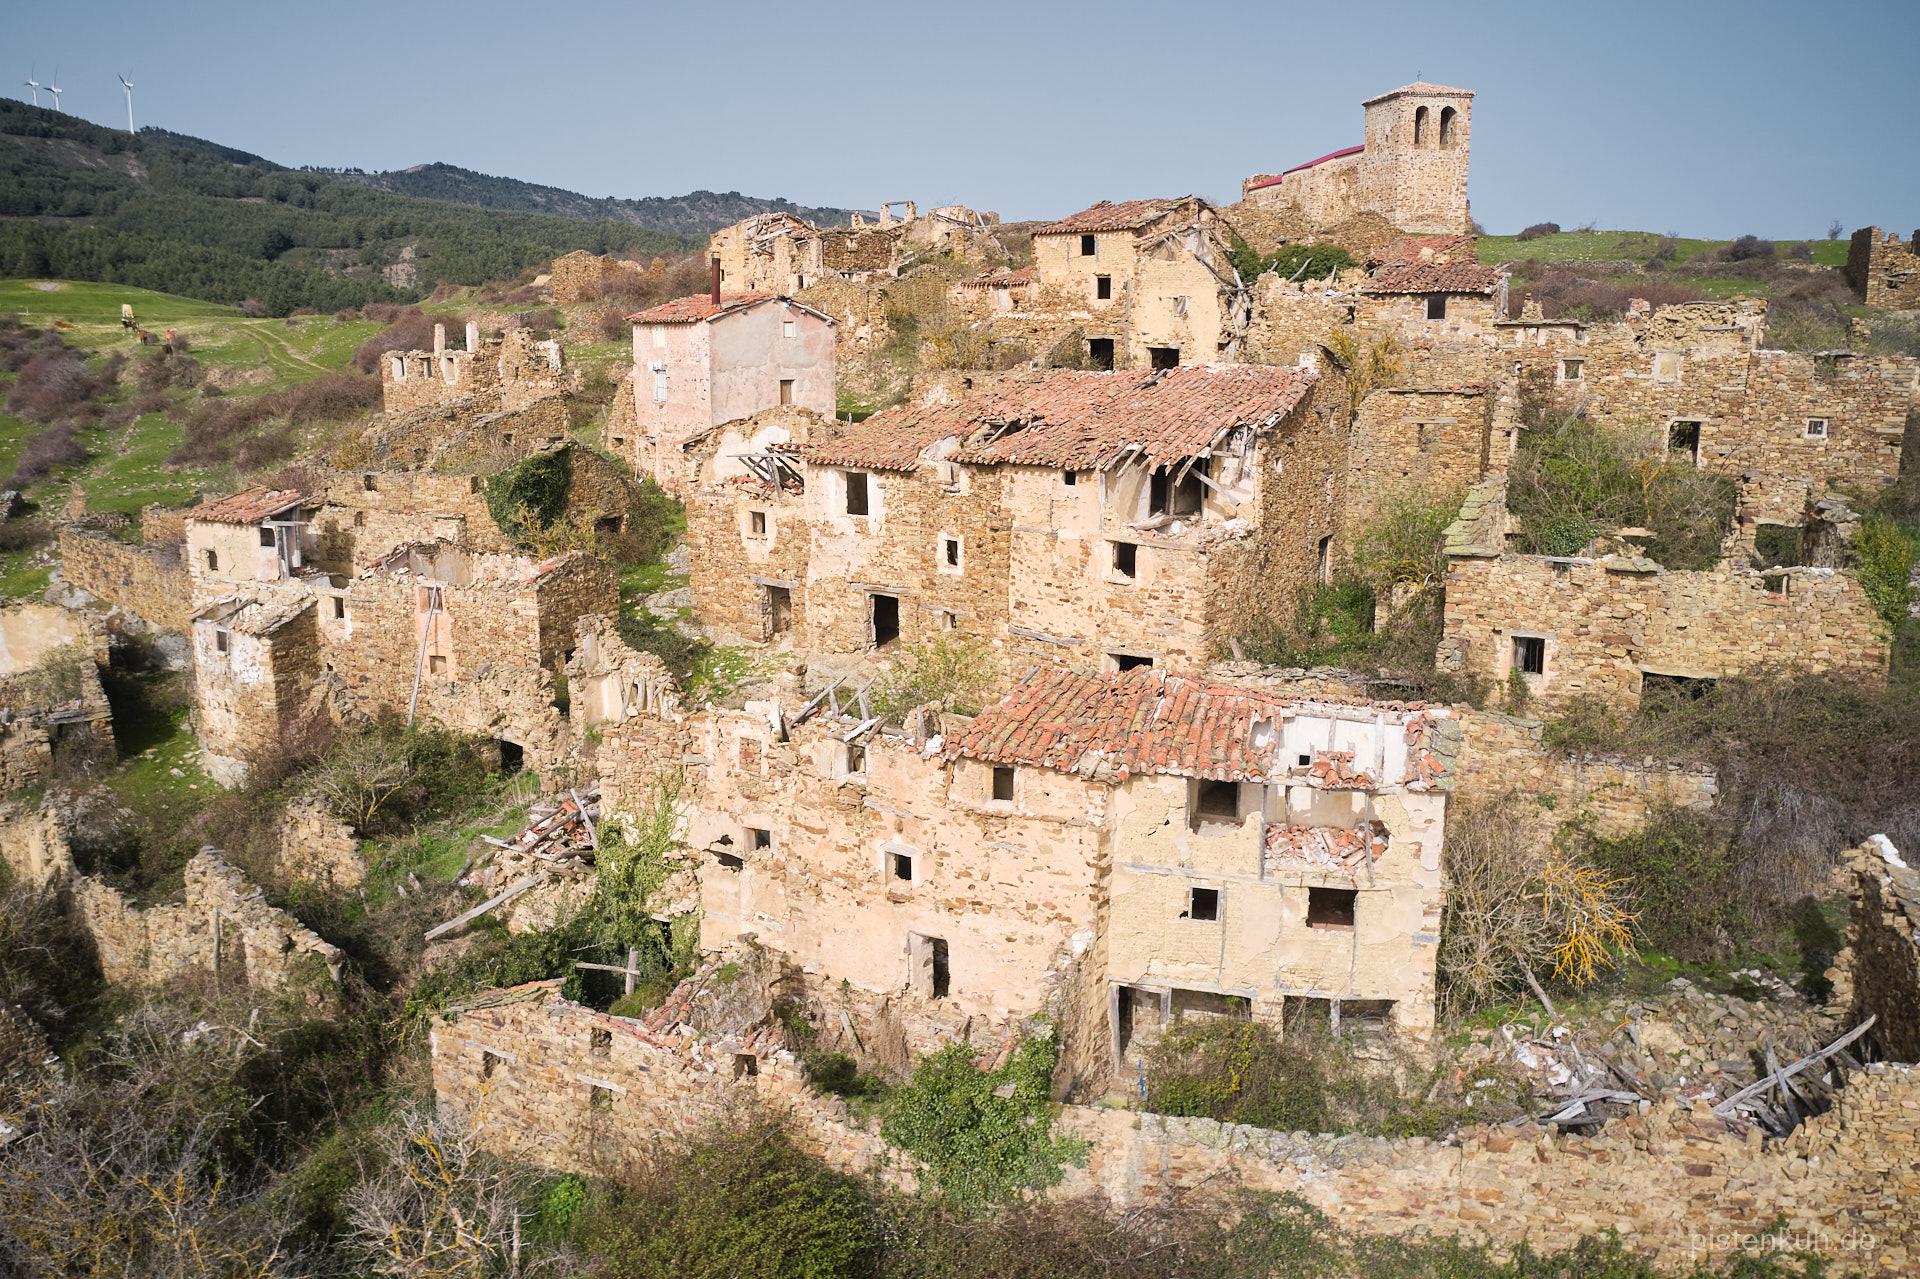 Der verlassene Ort La Santa im Norden Spaniens.